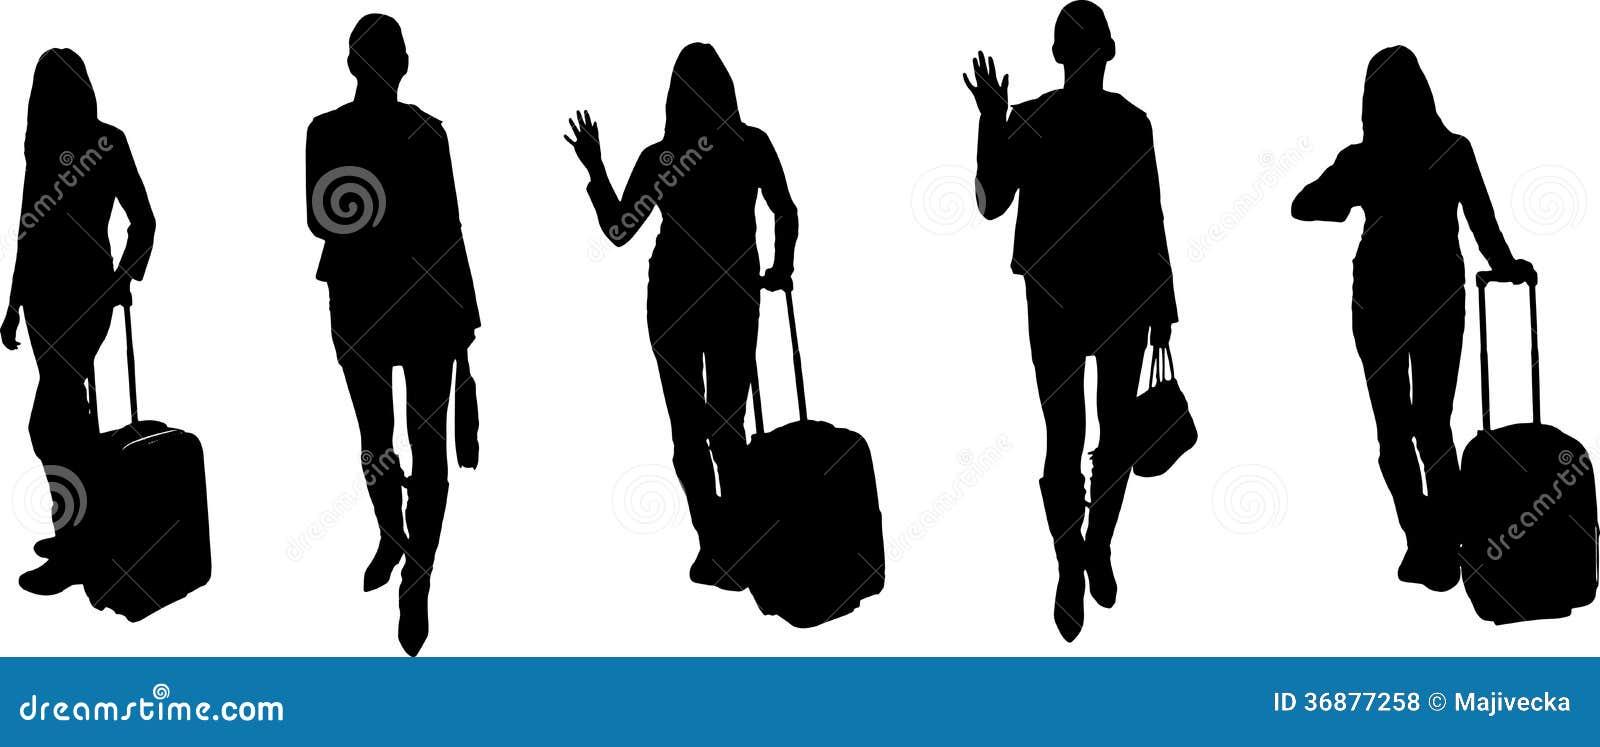 Download Siluette Di Vettore Delle Persone Di Affari Illustrazione Vettoriale - Illustrazione di background, icona: 36877258